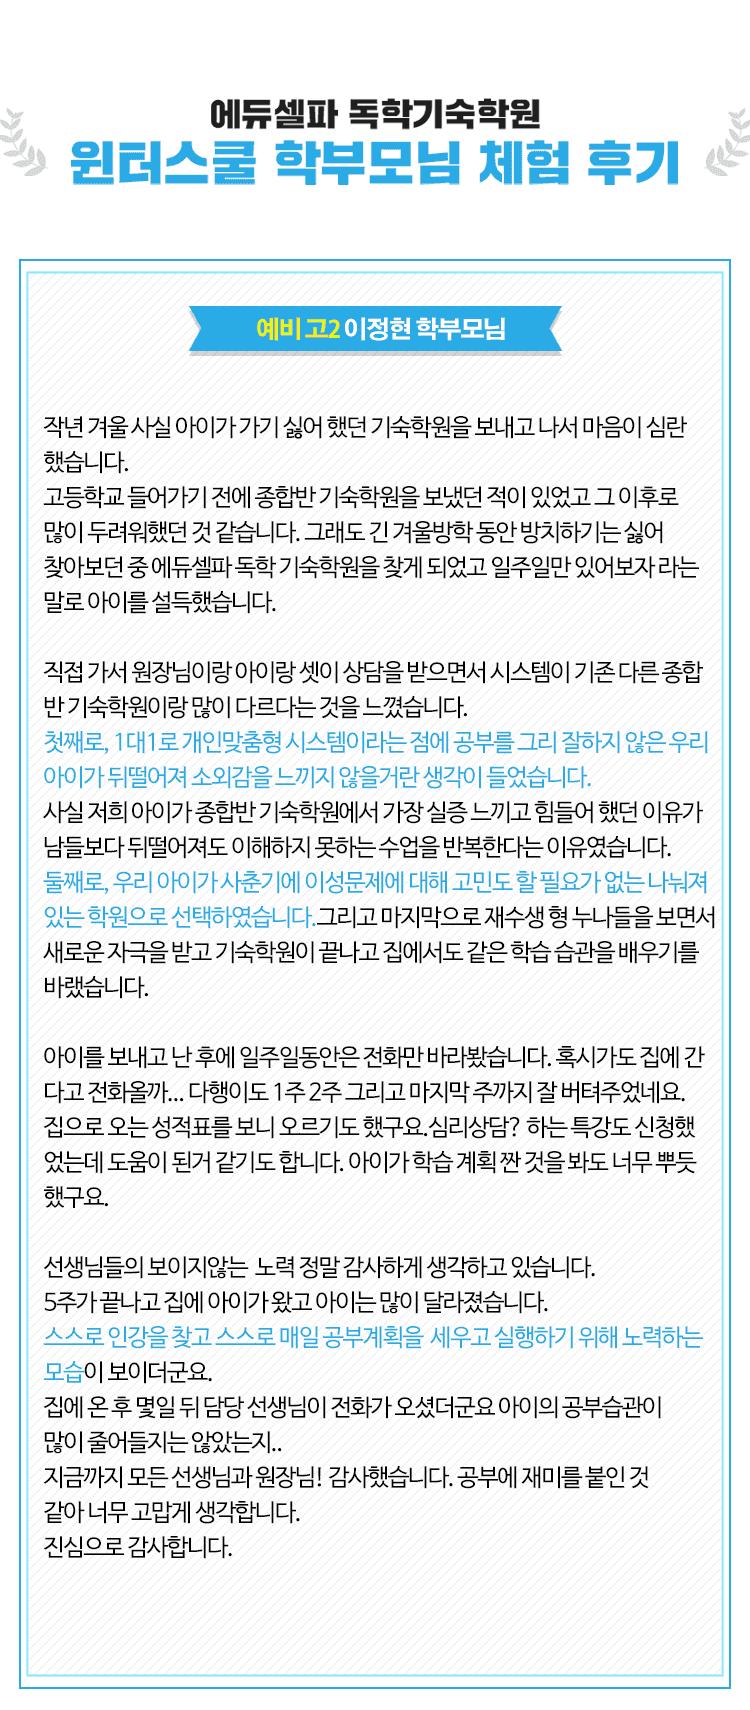 2019 윈터스쿨 학부모 후기 모바일